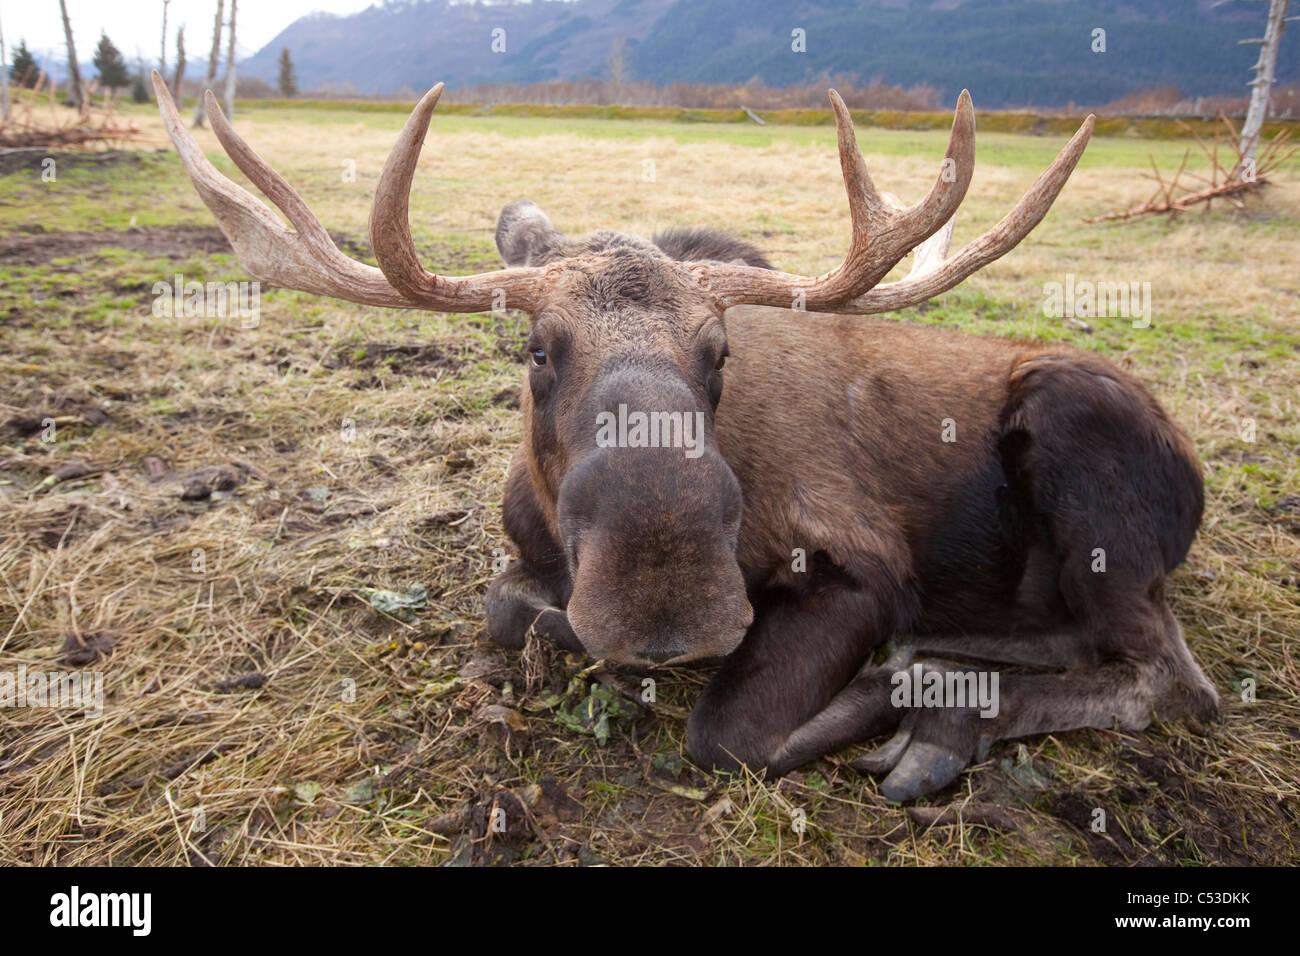 Un ampio angolo di visione di un toro alci giacente in erba alla Alaska Widllife Conservation Centre, Alaska. CAPTIVE Immagini Stock